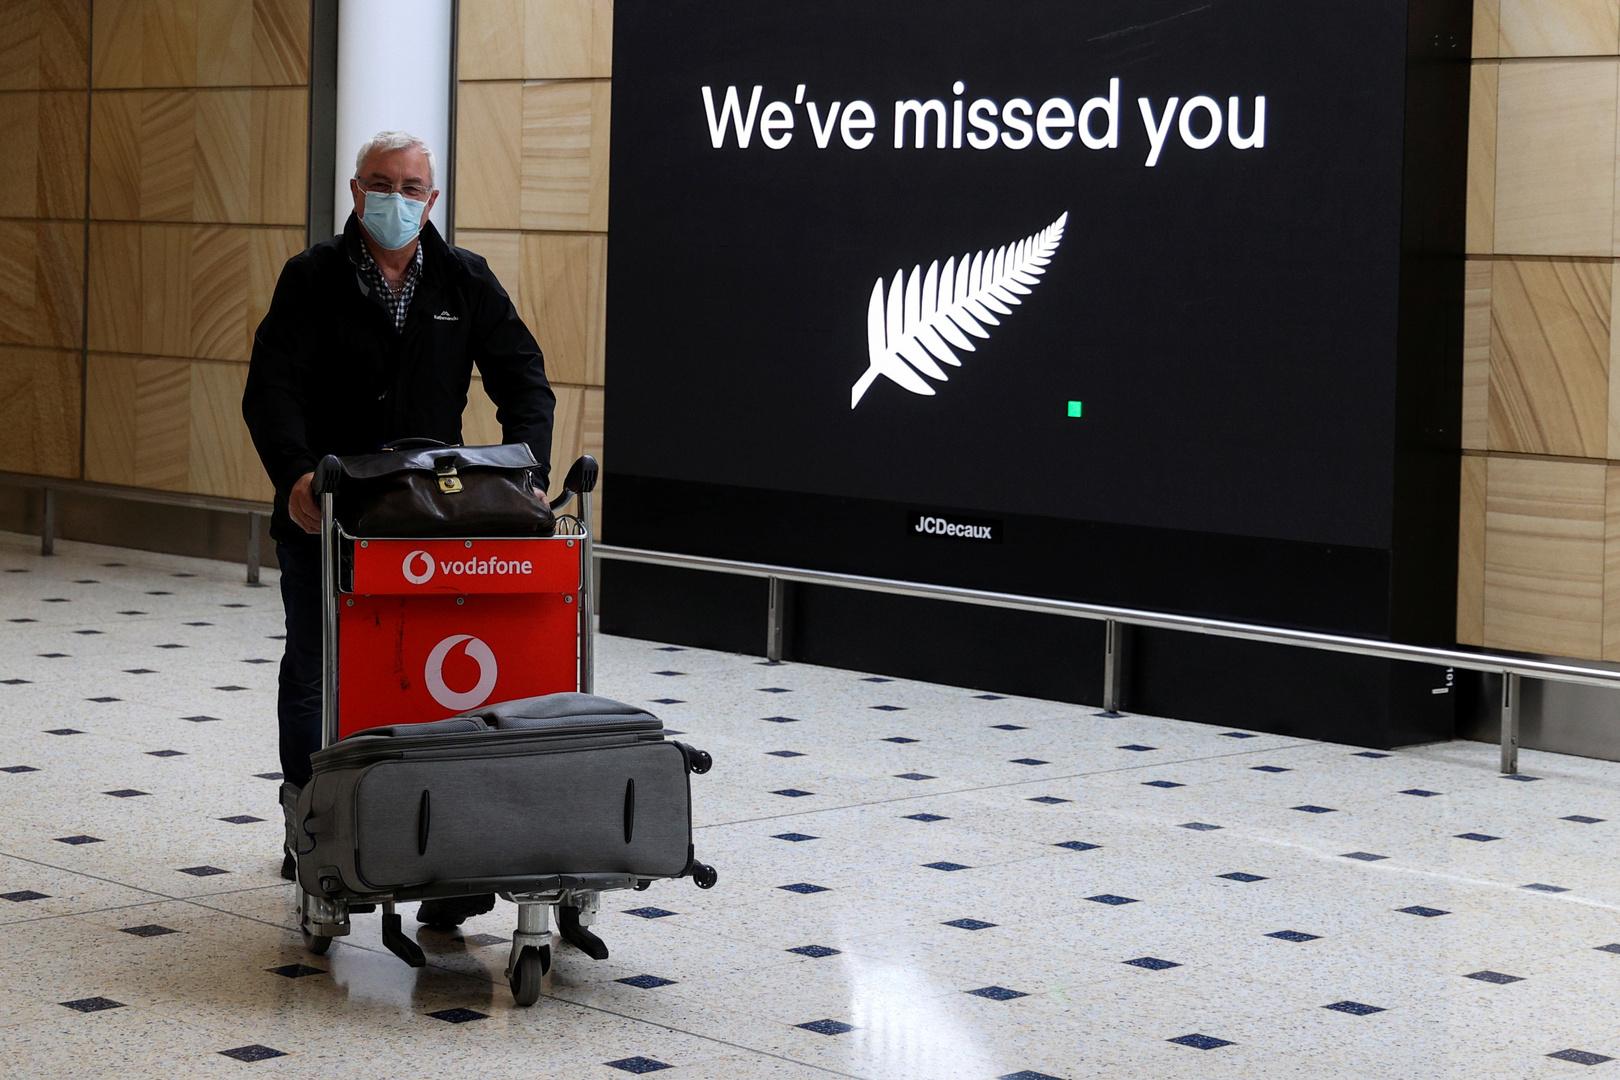 نيوزيلندا تمنع دخول القادمين من الهند بسبب كوفيد-19